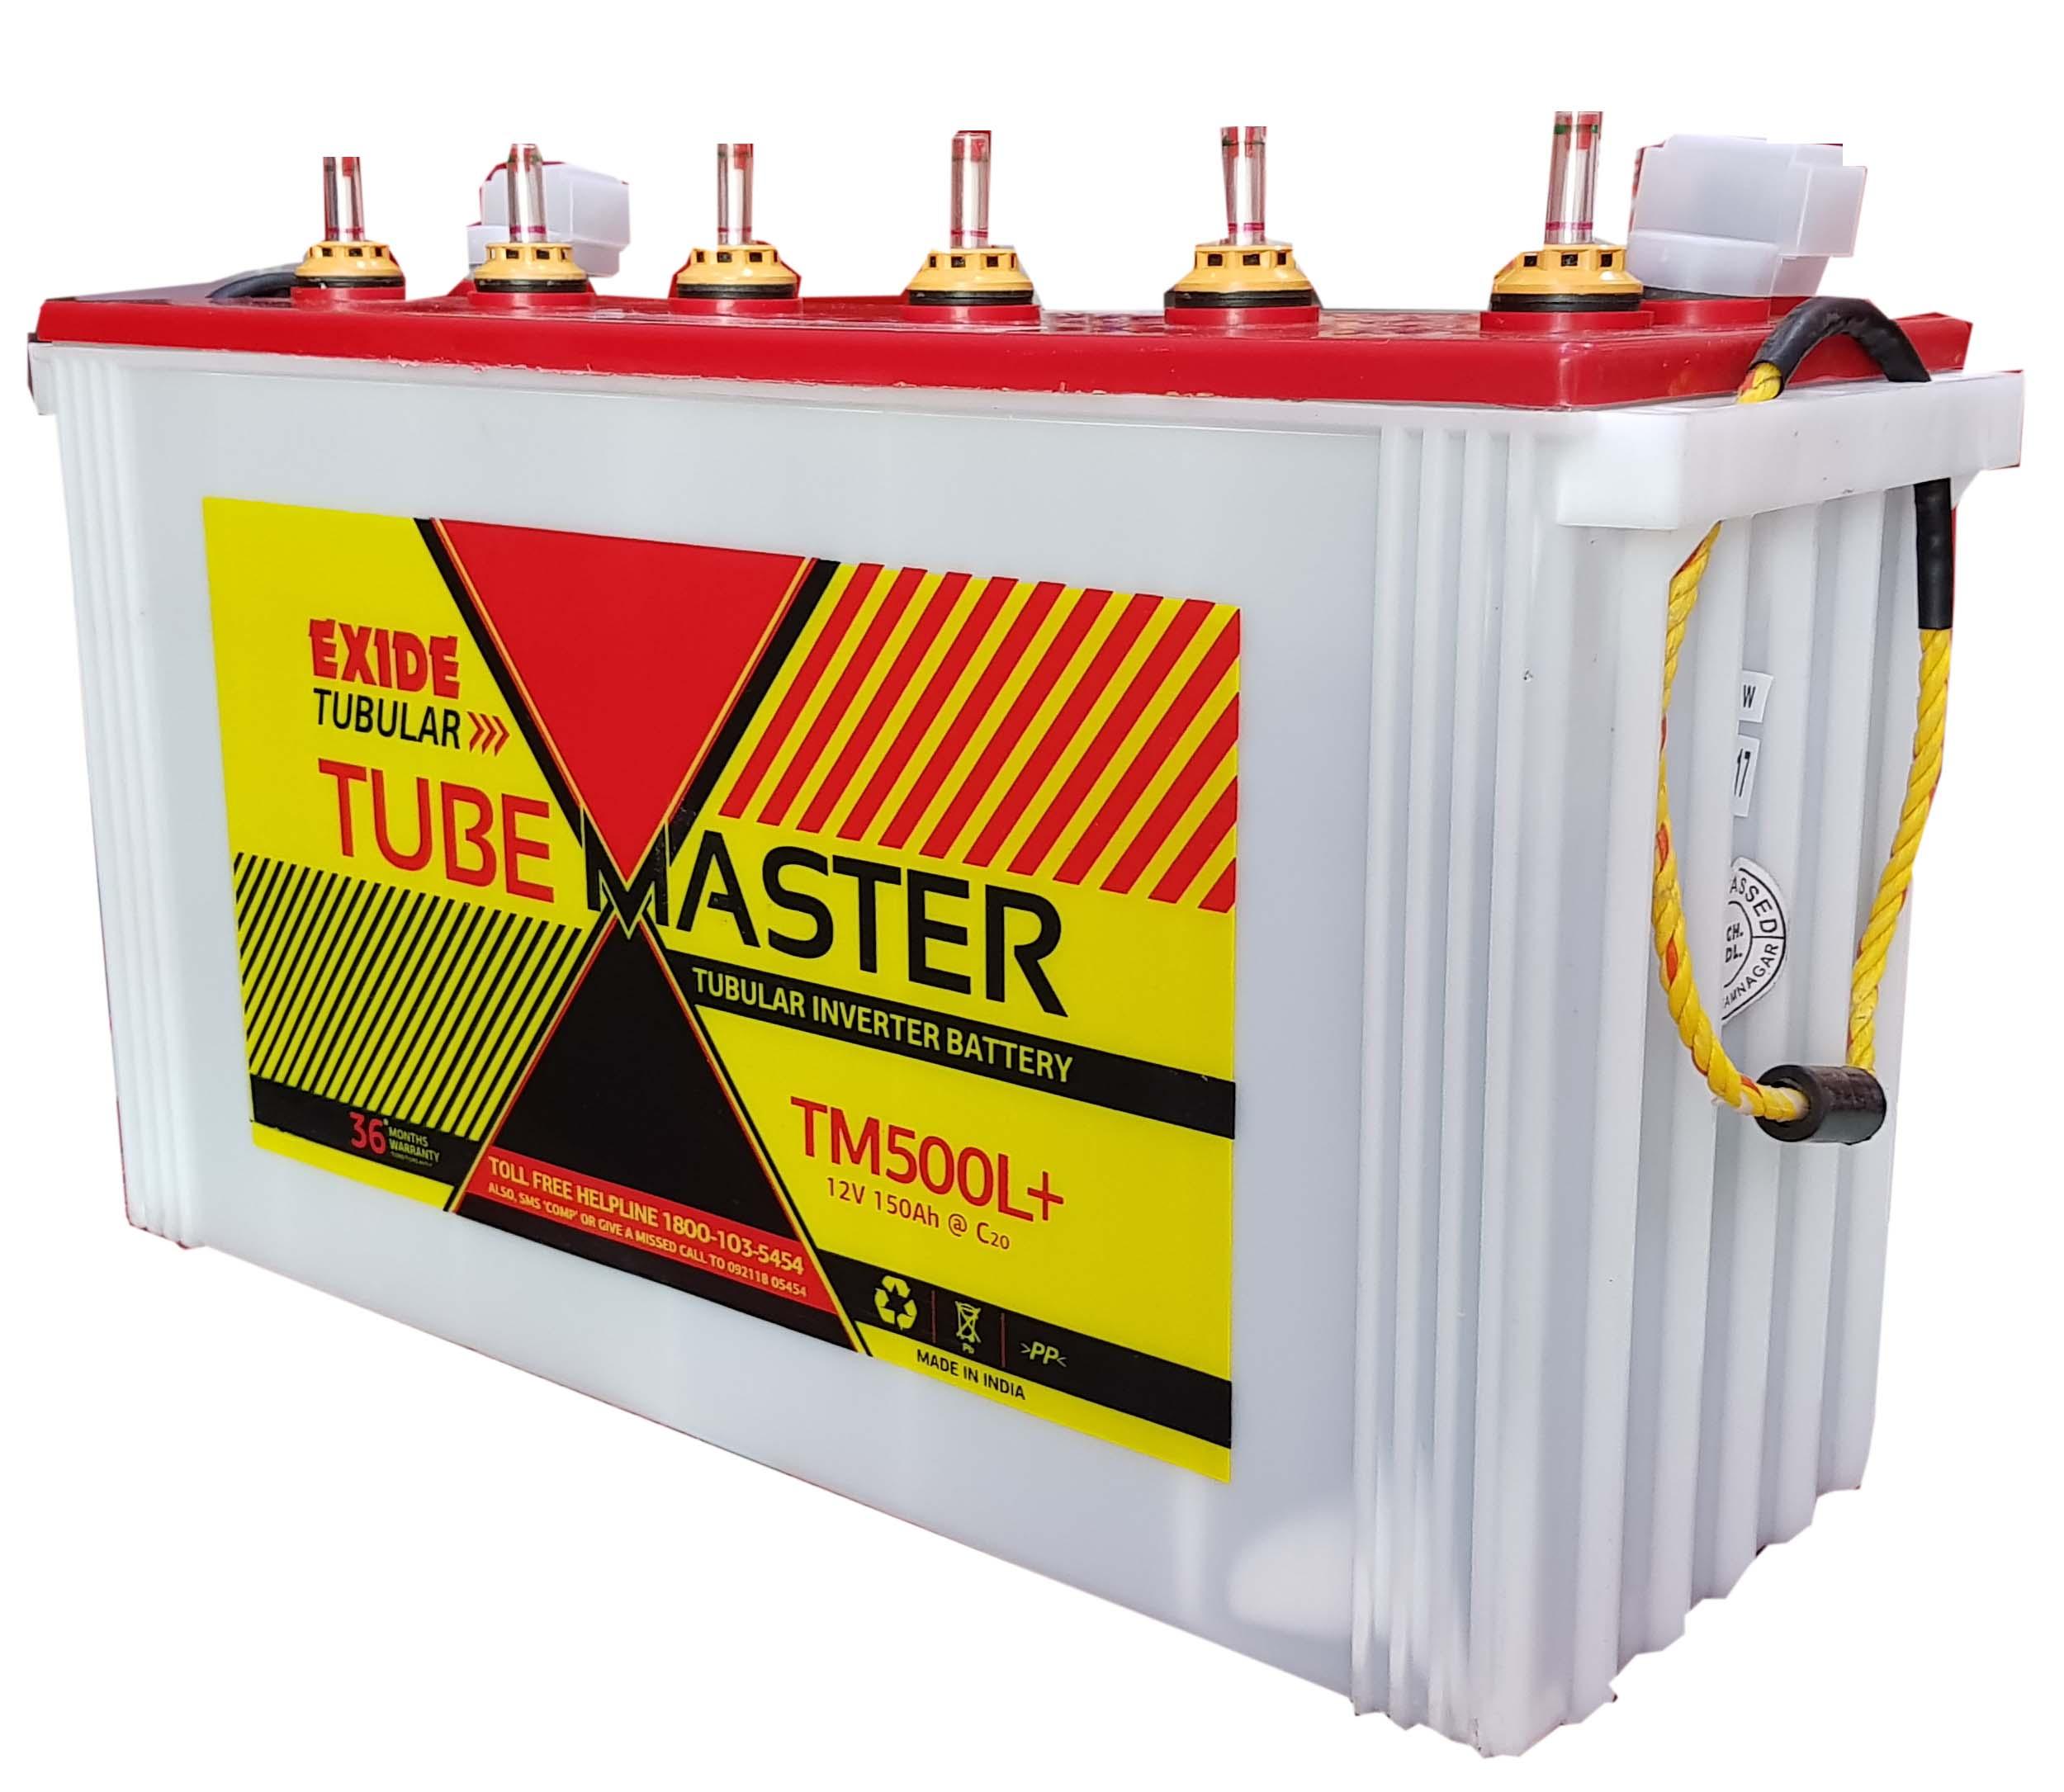 Exide Tubemaster 150 ah Tubular battery for inverter